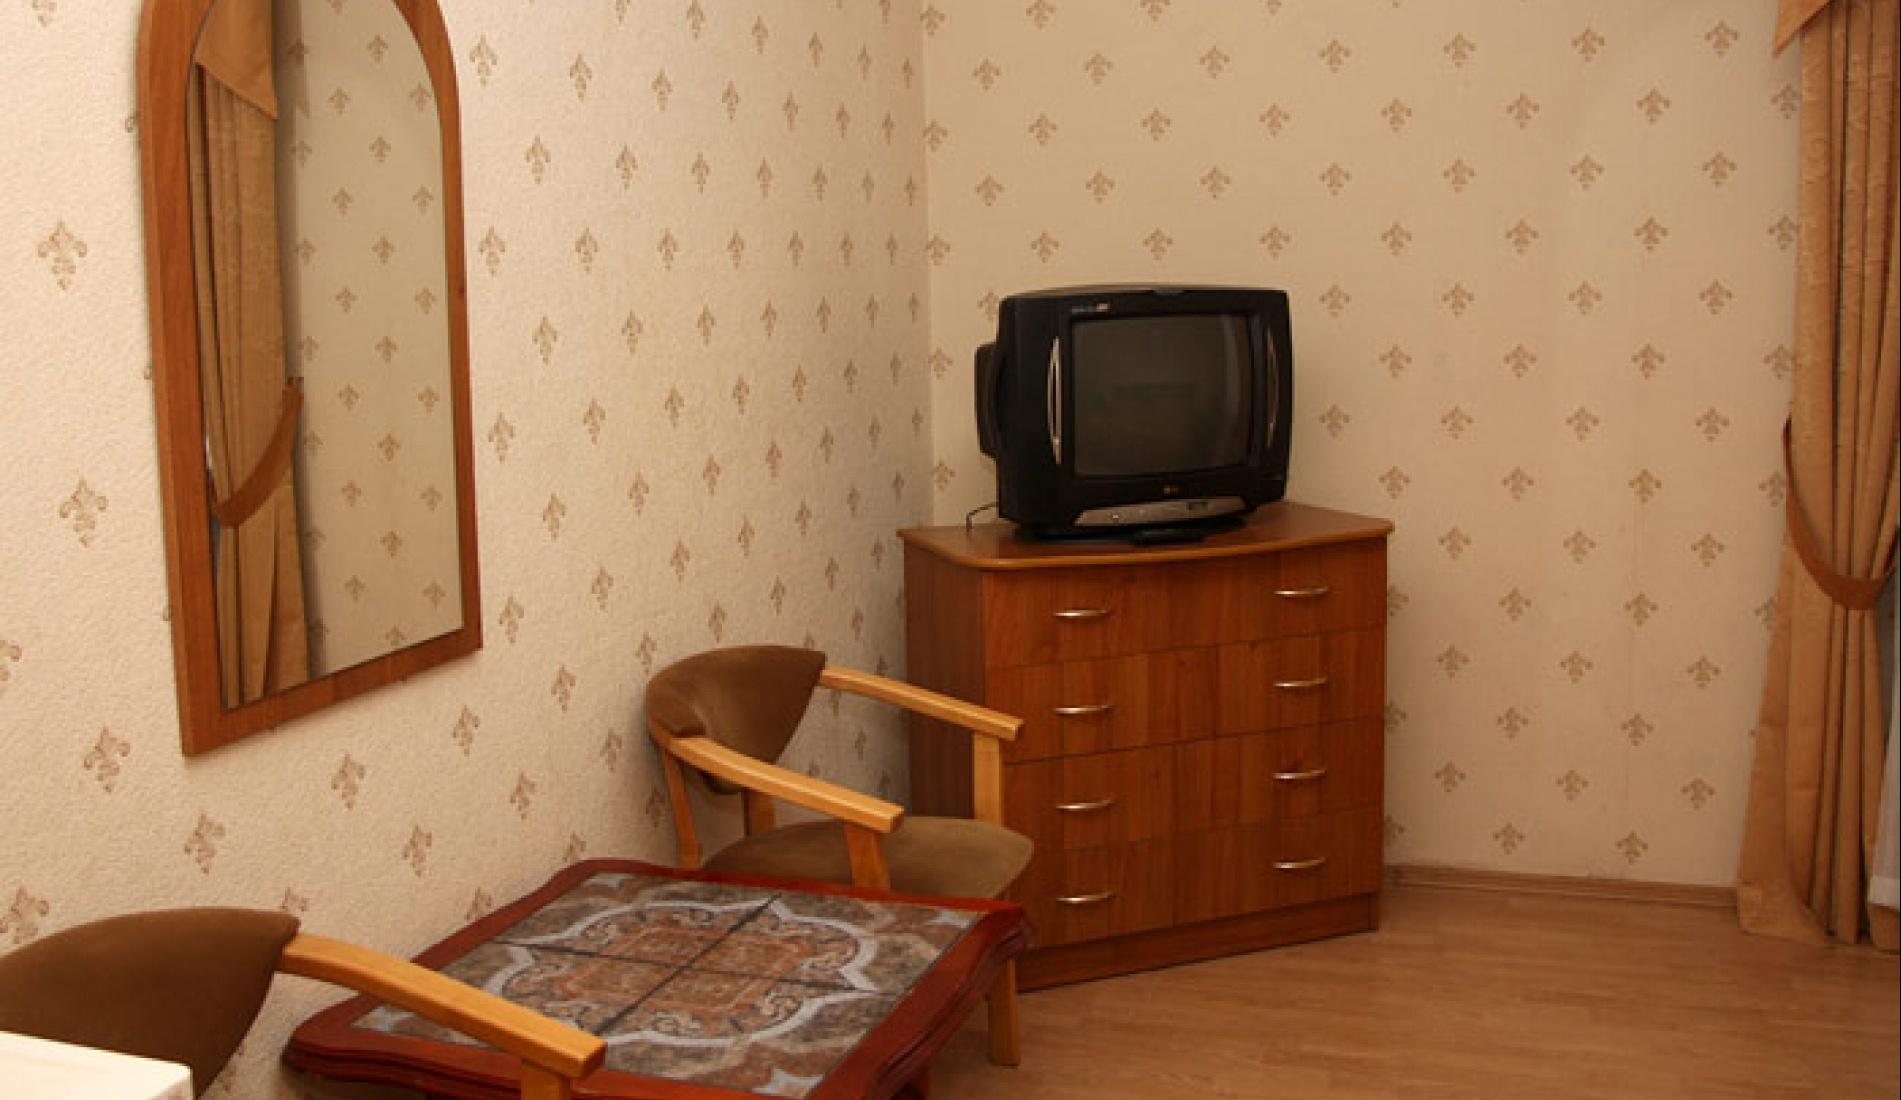 База отдыха ФГБУ СП «Курорт-парк «Союз» МИД России» Московская область Номер «Стандарт» 2-комнатный 4-местный в 2-этажном коттедже № 11, 12, фото 8